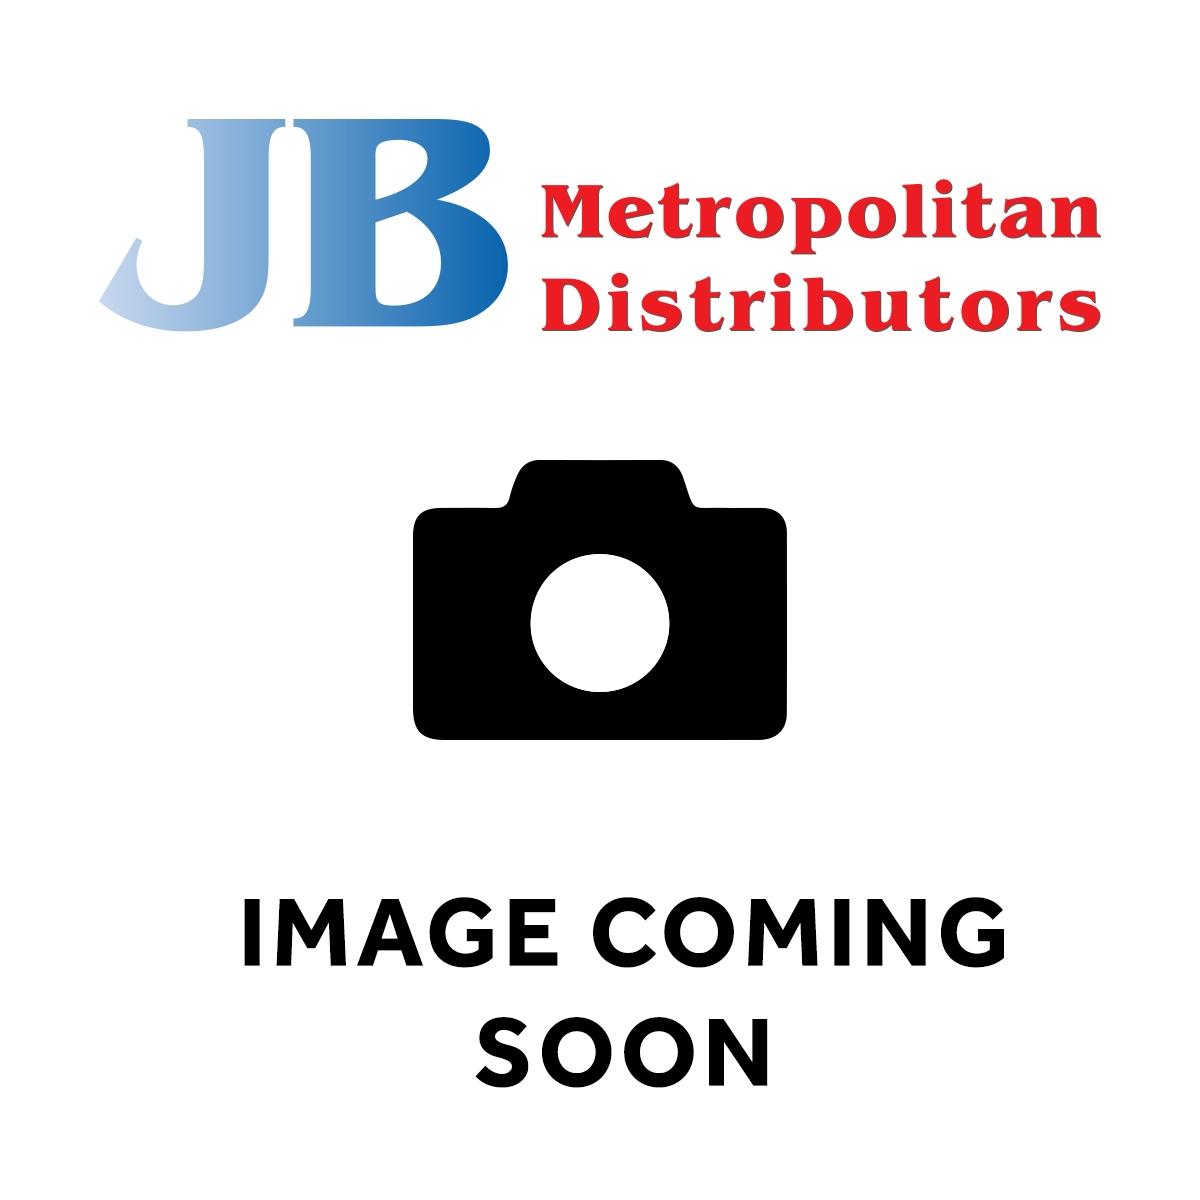 45G SKITTLES SOUR BOX